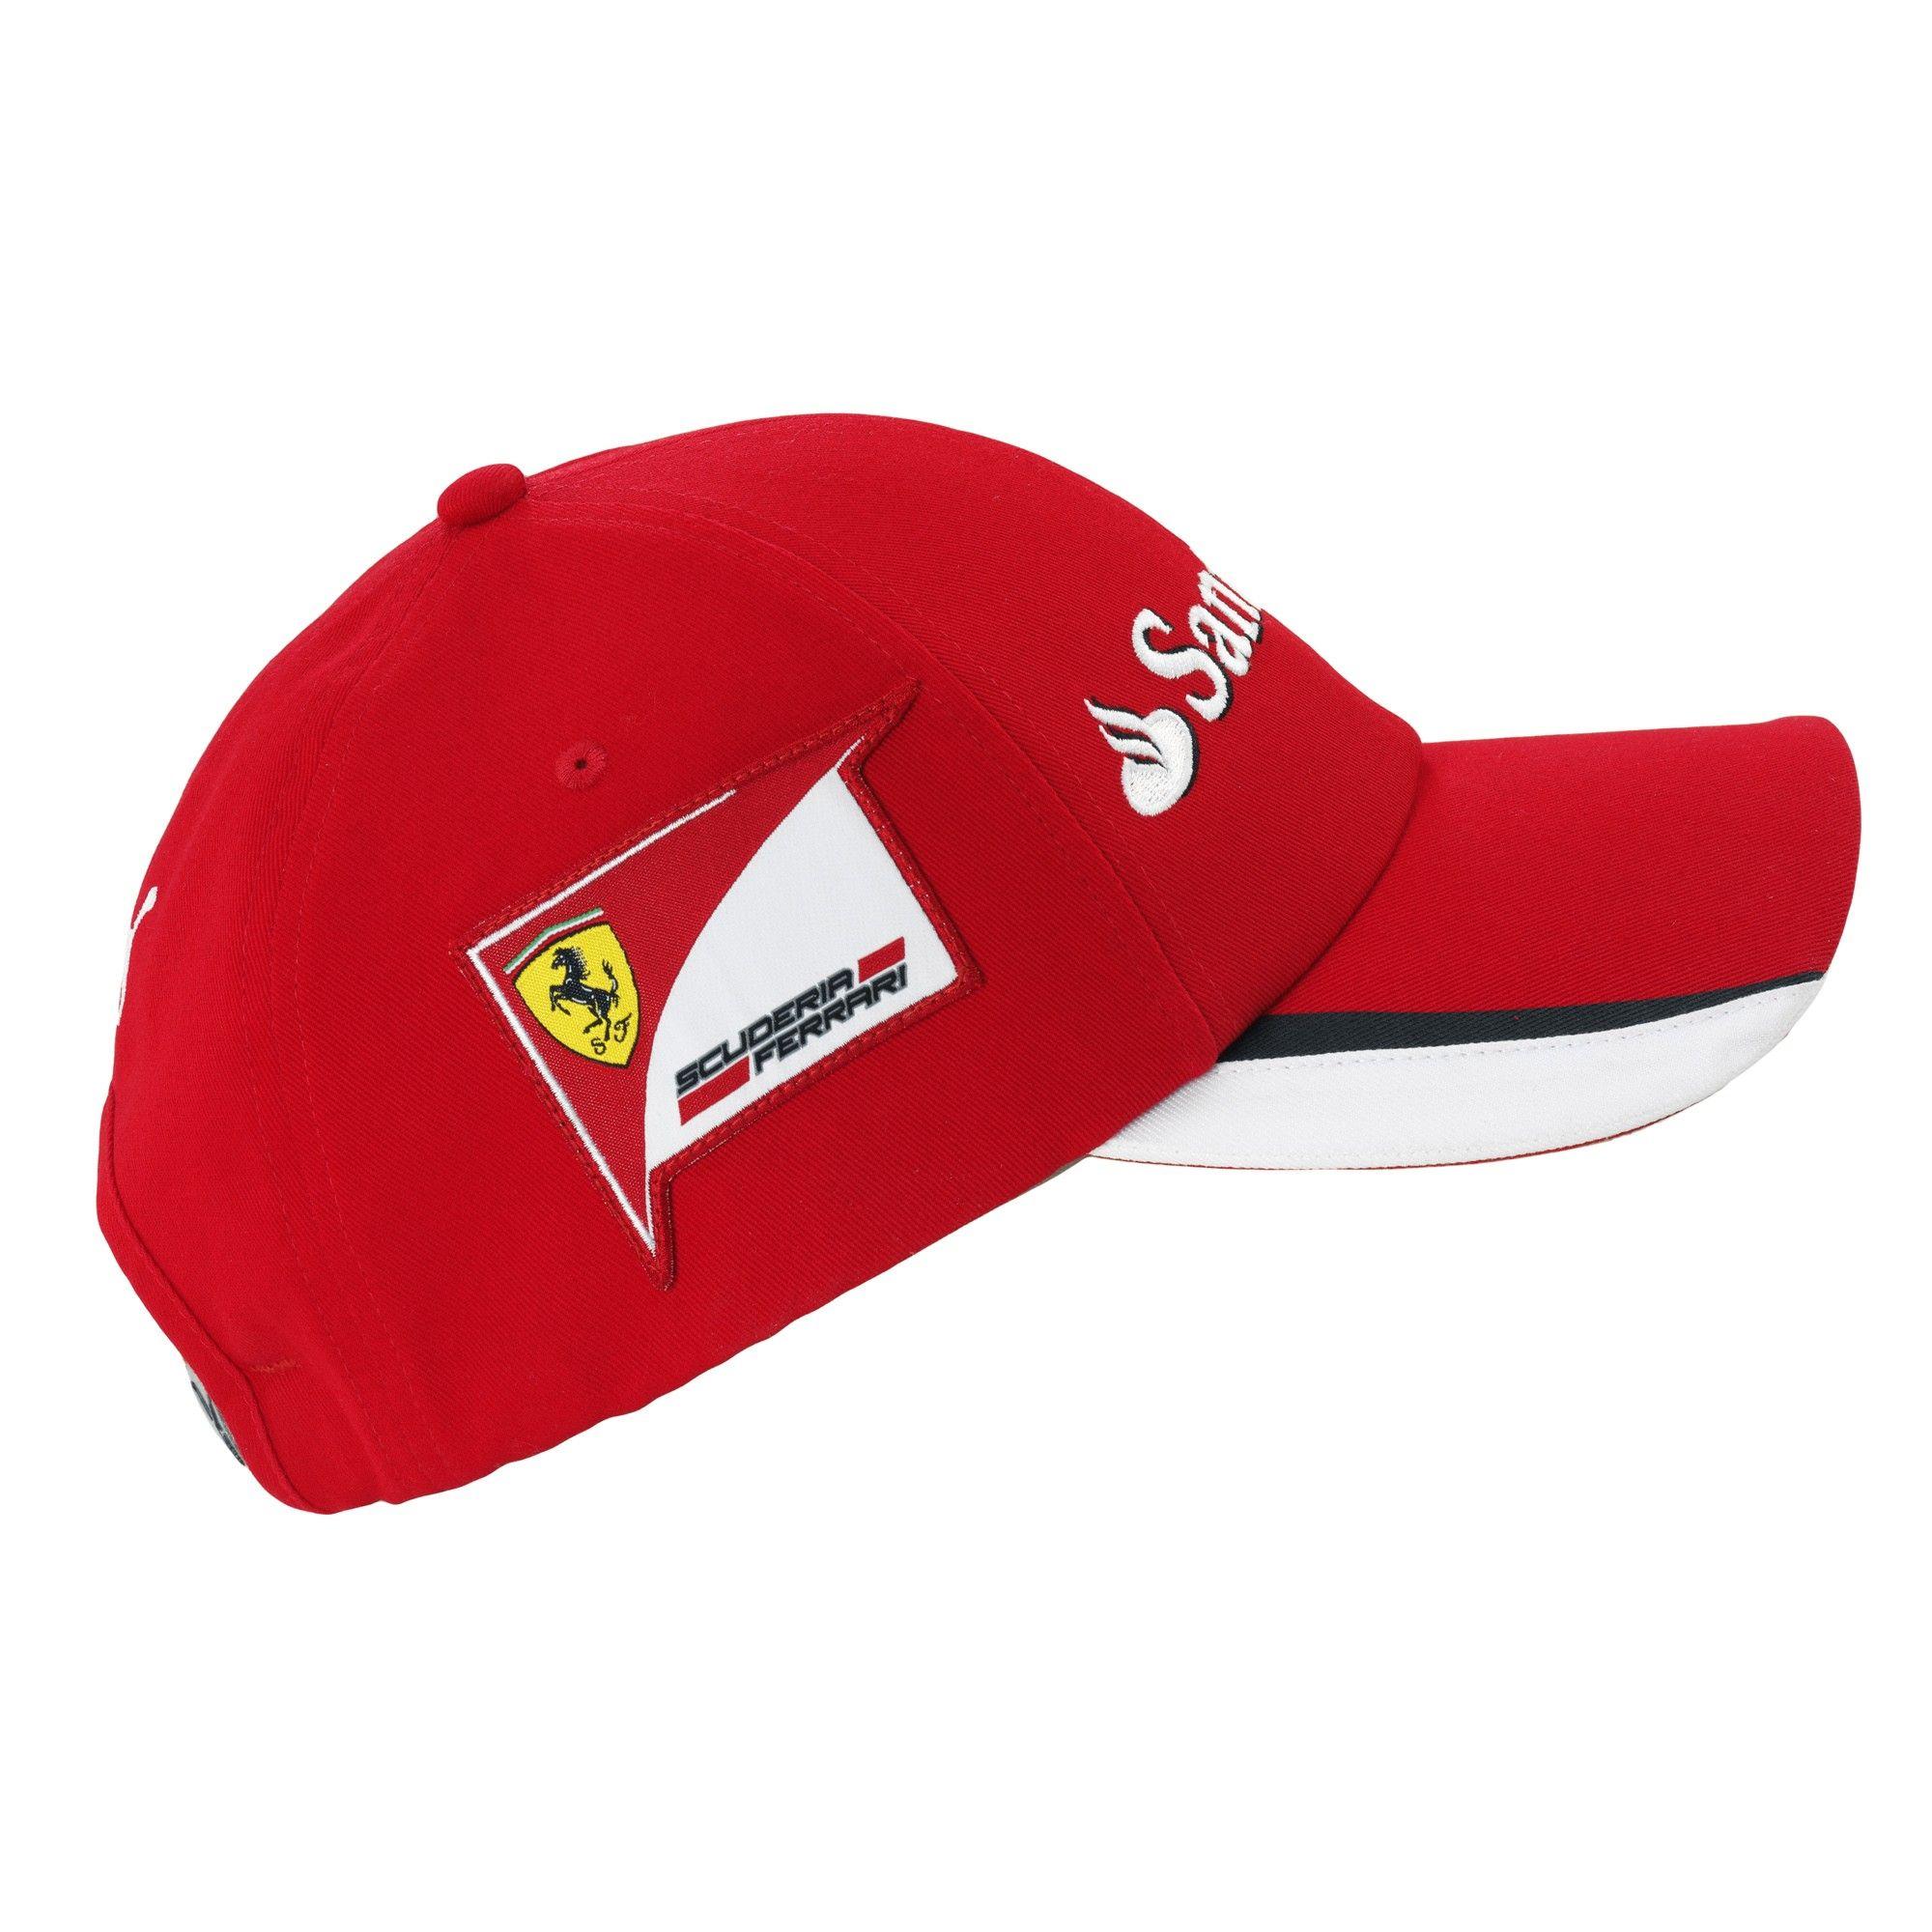 Cappellino Scuderia Ferrari replica 2015 - Scuderia Replica - Scuderia   ferrari  ferraristore  scuderiaferrari 2e0bad5c39e